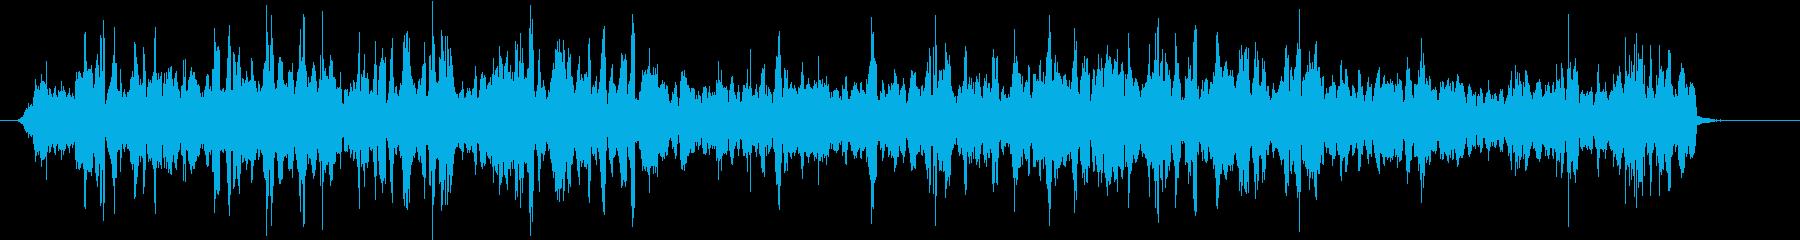 シーン|宇宙からの通信が途絶えた感じ Aの再生済みの波形